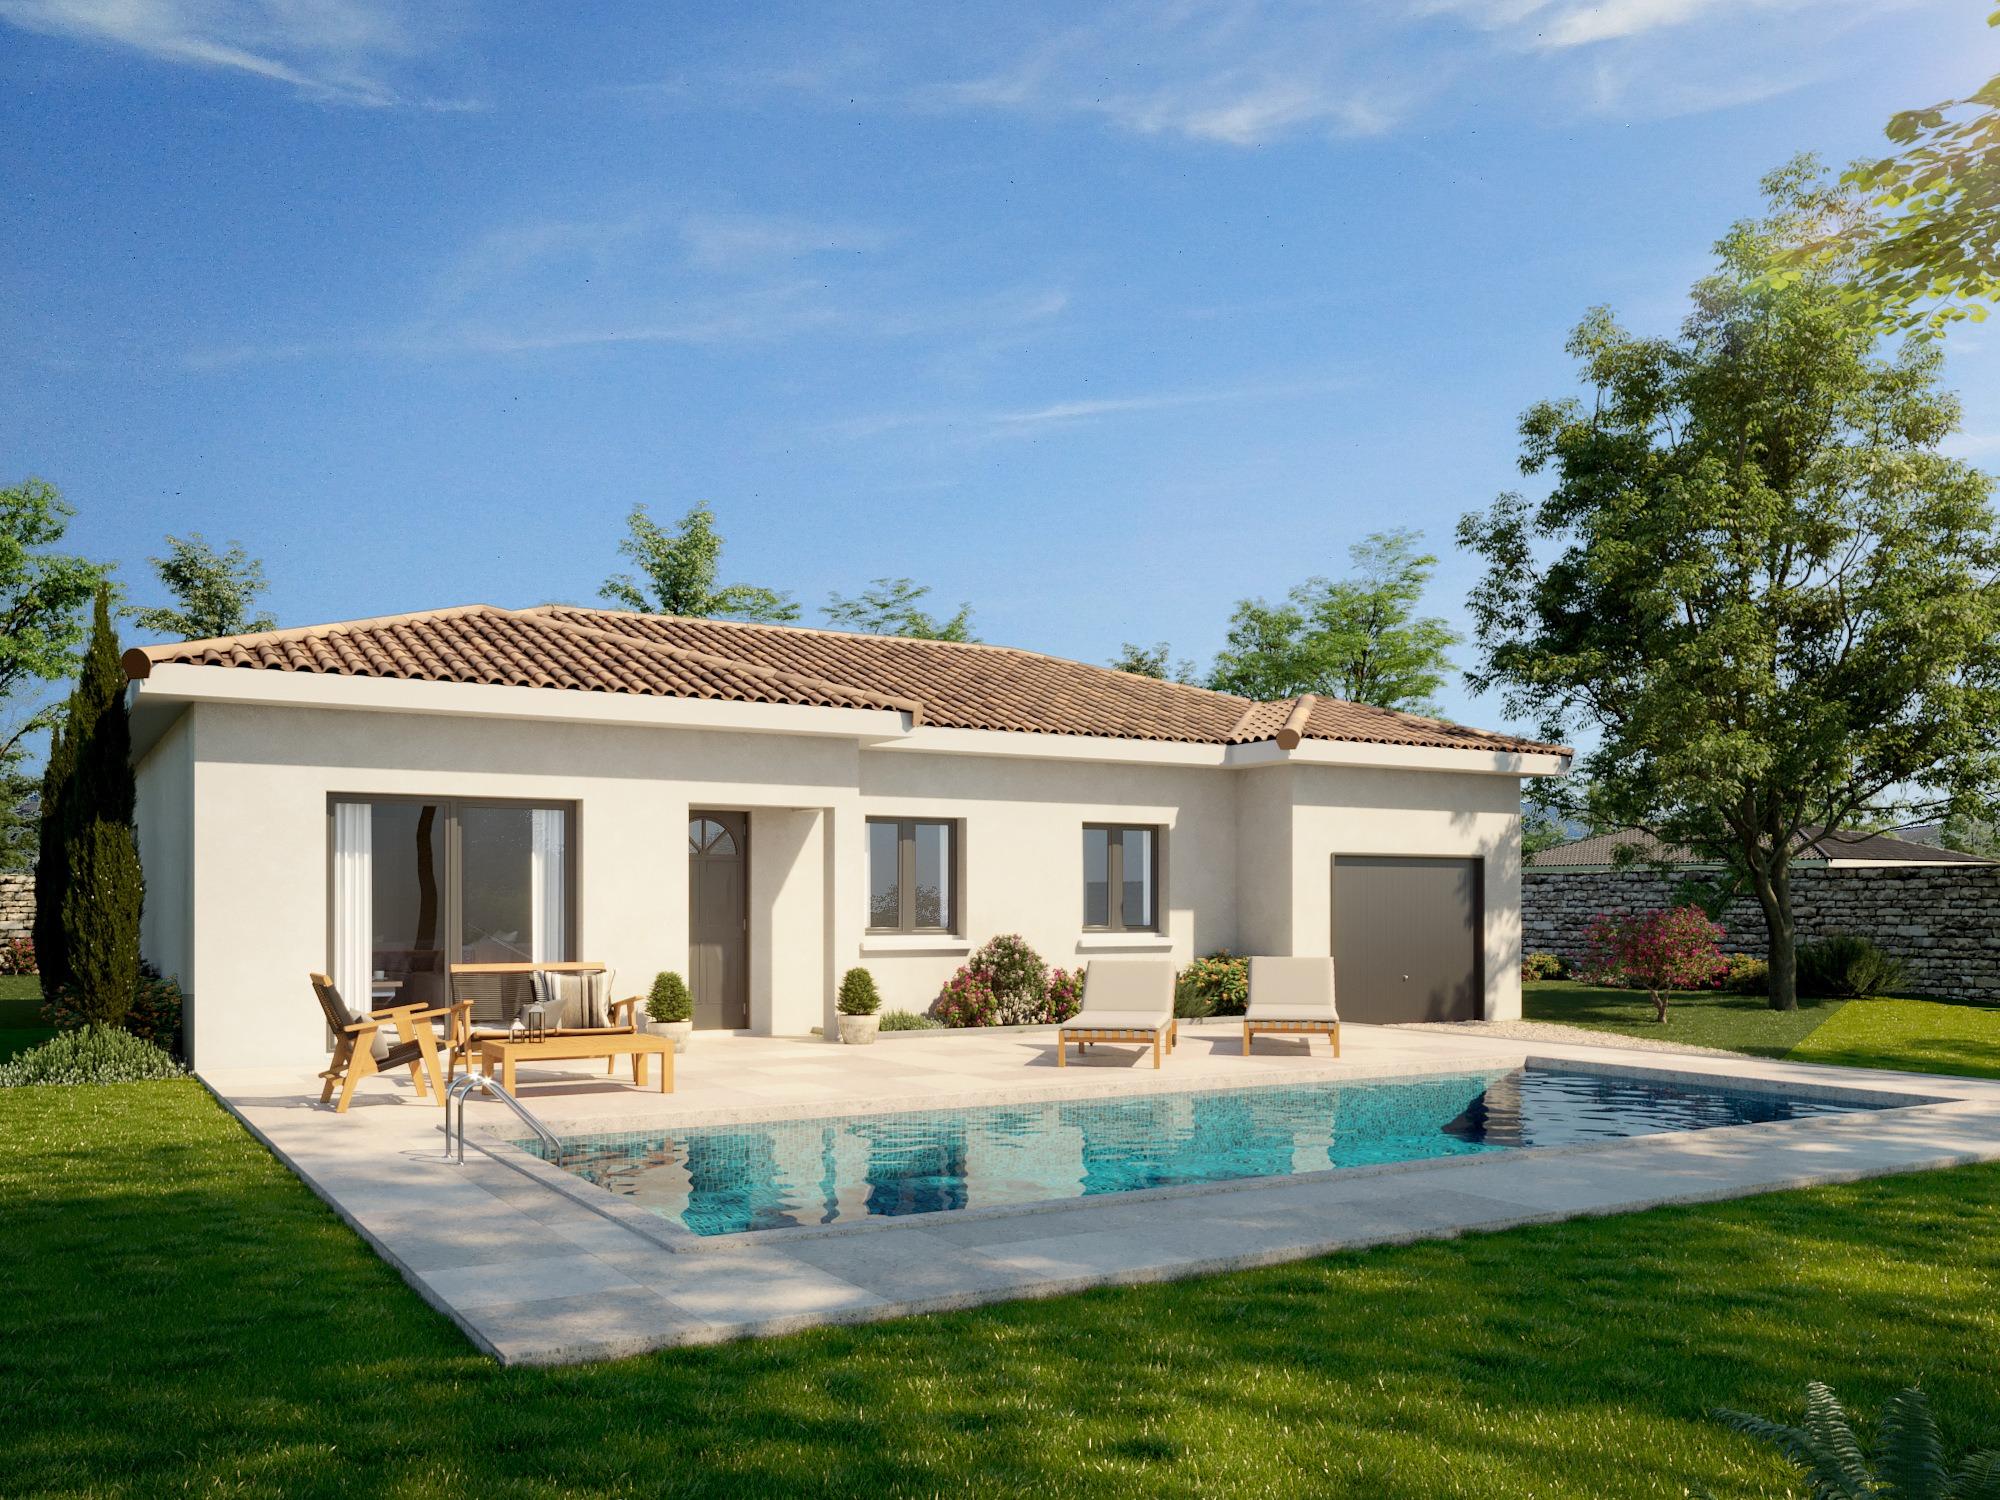 Maisons + Terrains du constructeur MAISONS PUNCH • 95 m² • BEURE